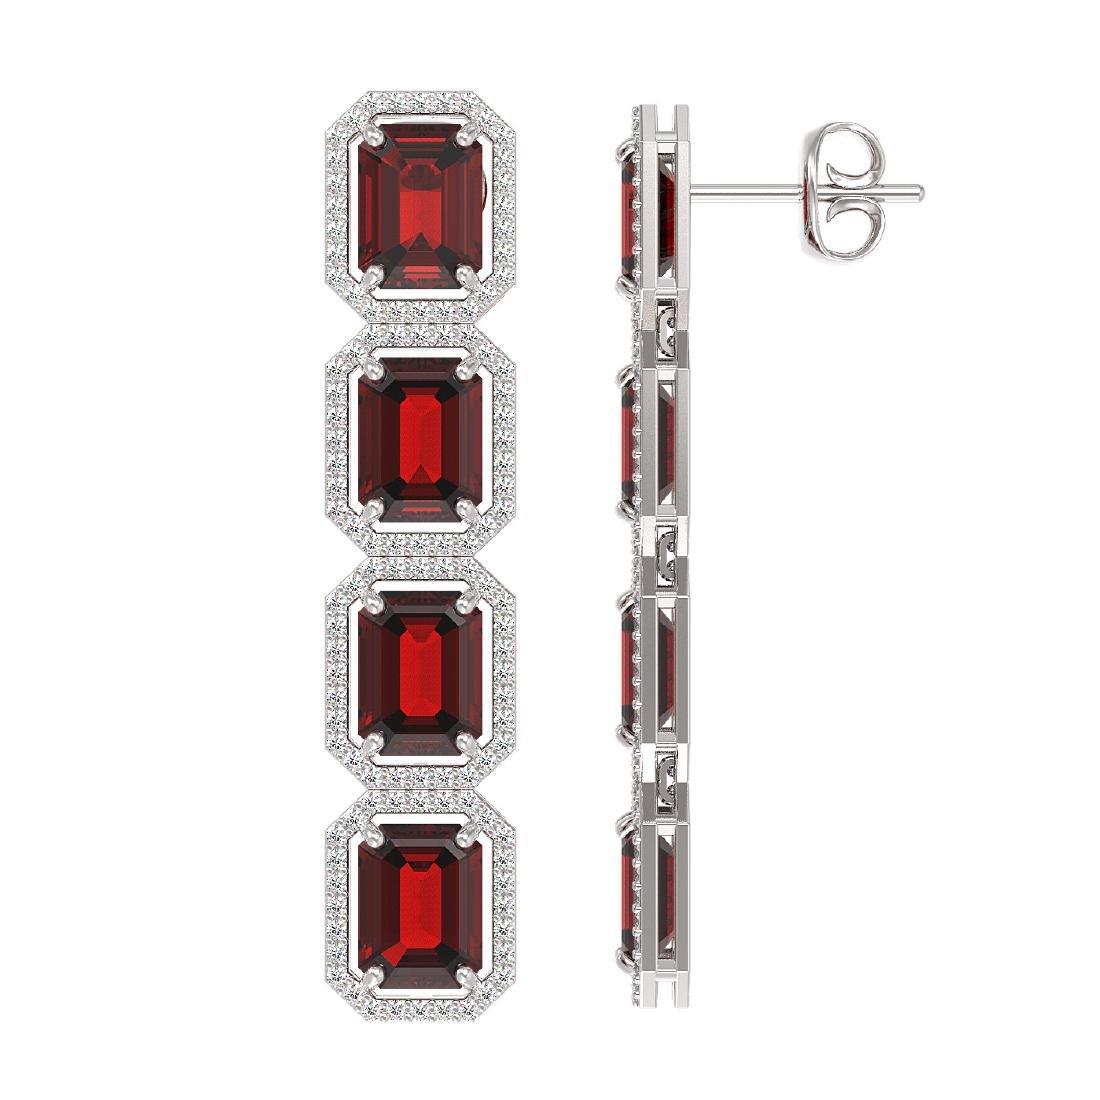 17.8 CTW Garnet & Diamond Halo Earrings 10K White Gold - 2